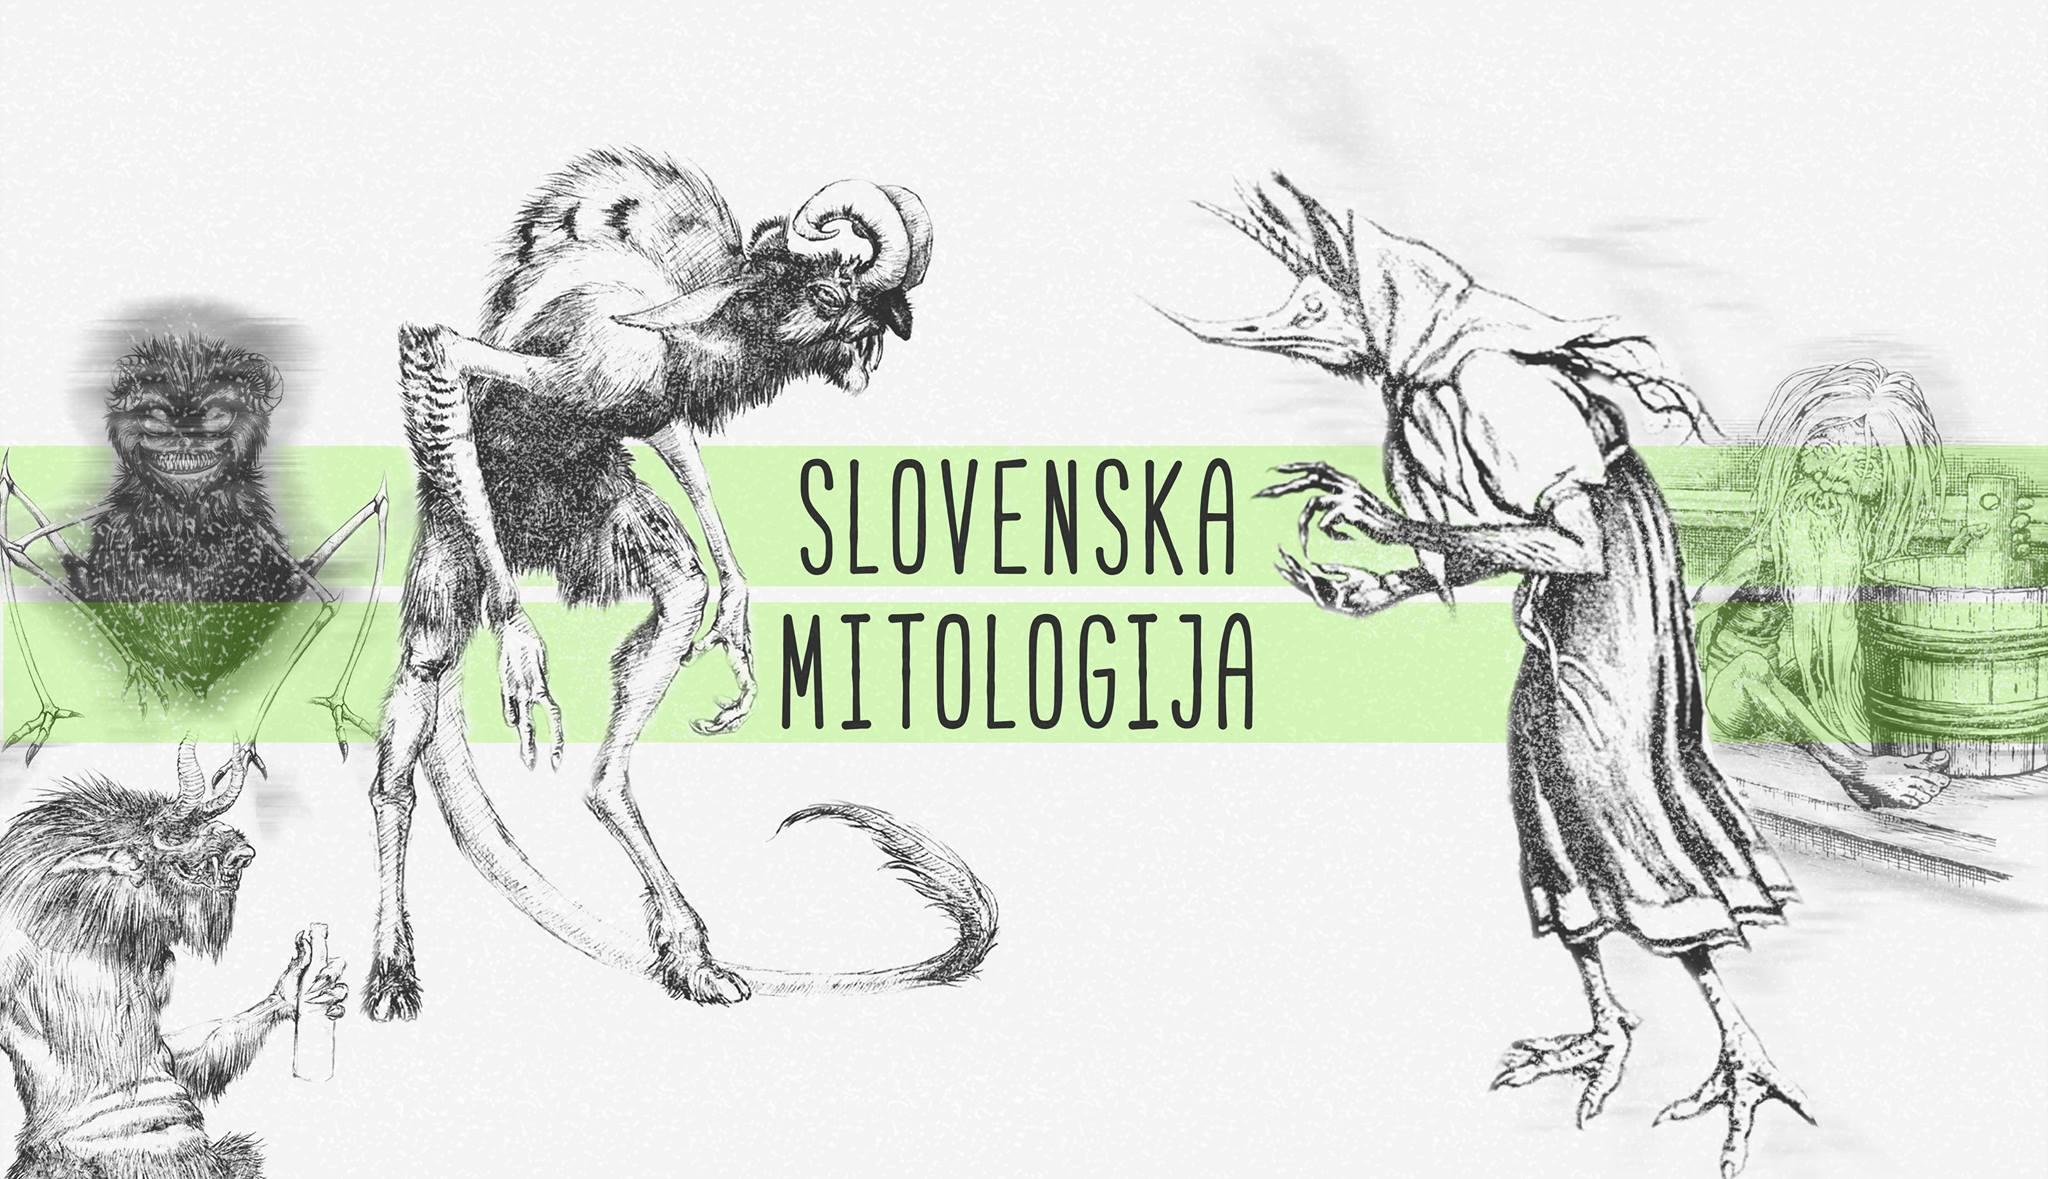 slovenske mitologije